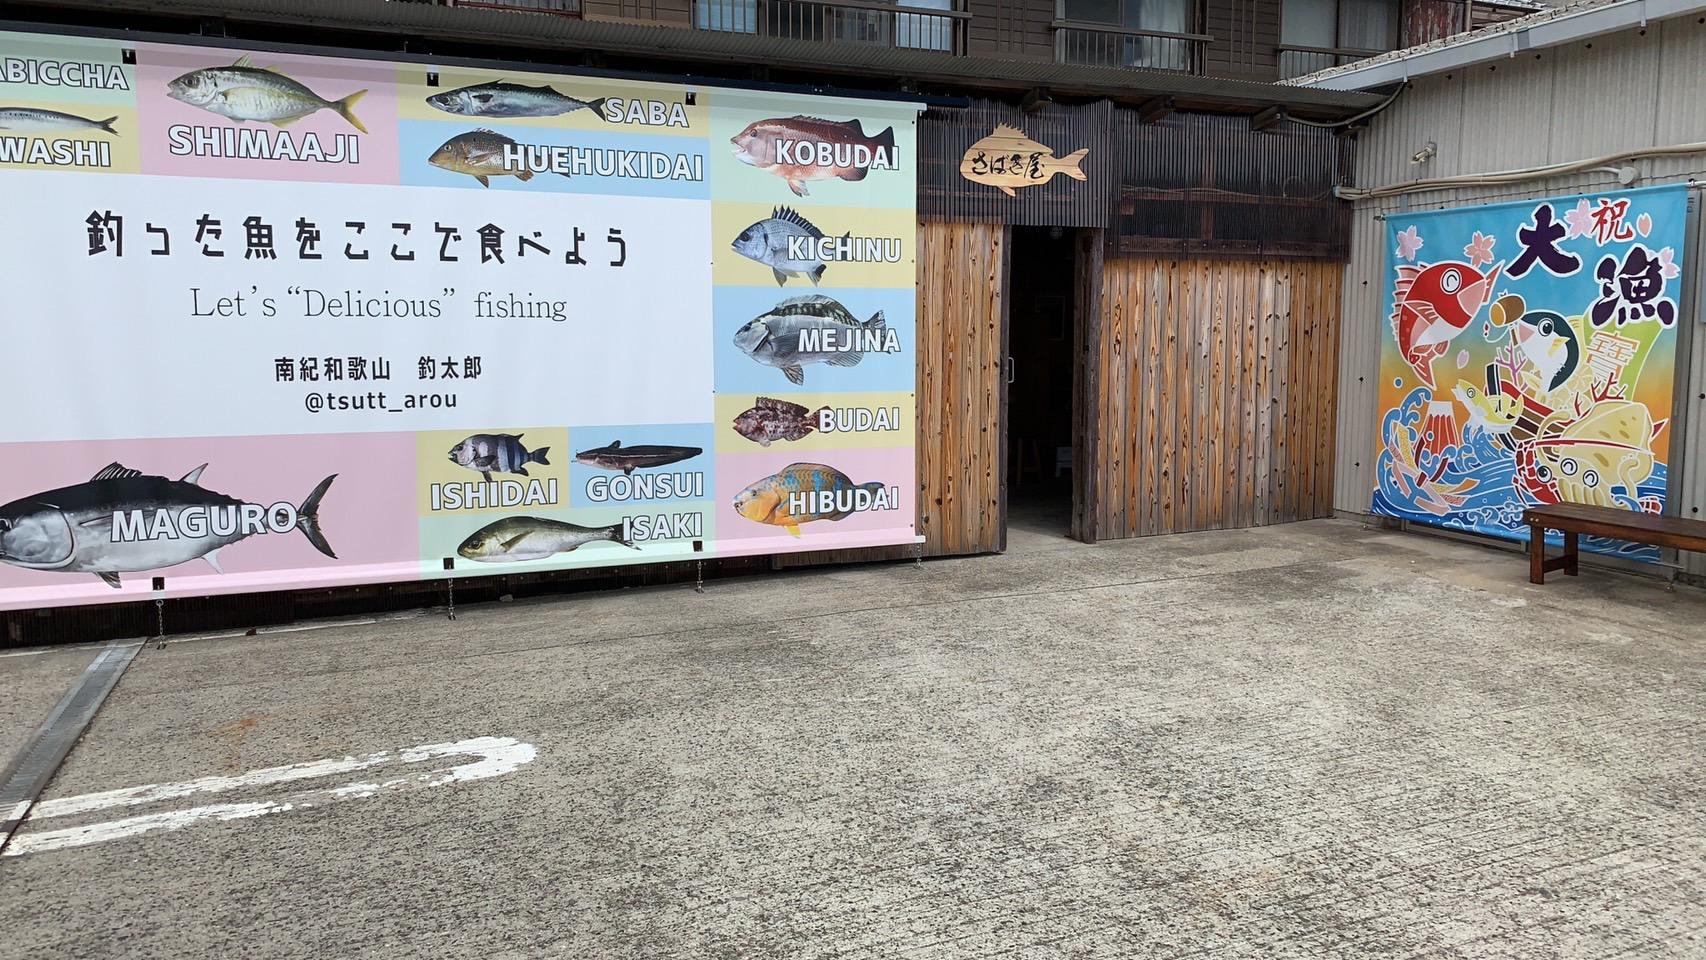 釣太郎キッチン 2月11日(木)建国記念の日 ご案内。